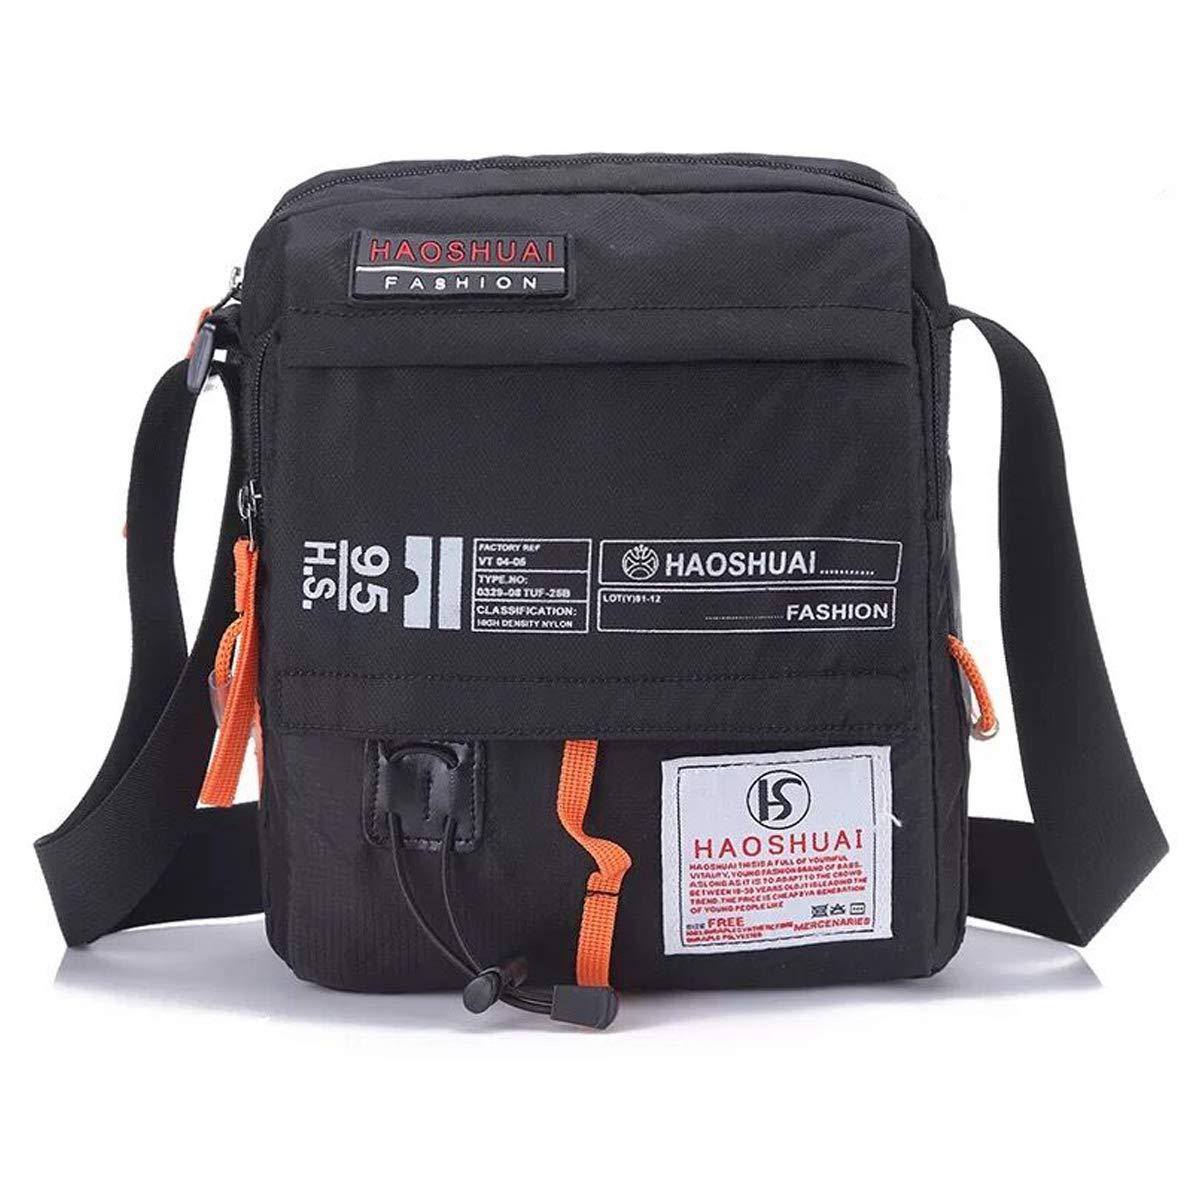 7f170a08e5ee JAKAGO Waterproof Messenger Bag Shoulder Crossbody Bag Mobile Phone Pouch  Passport Holder Mens Purse Bag 10.1 inch Tablet Bag Work Field Bag for  Travel ...